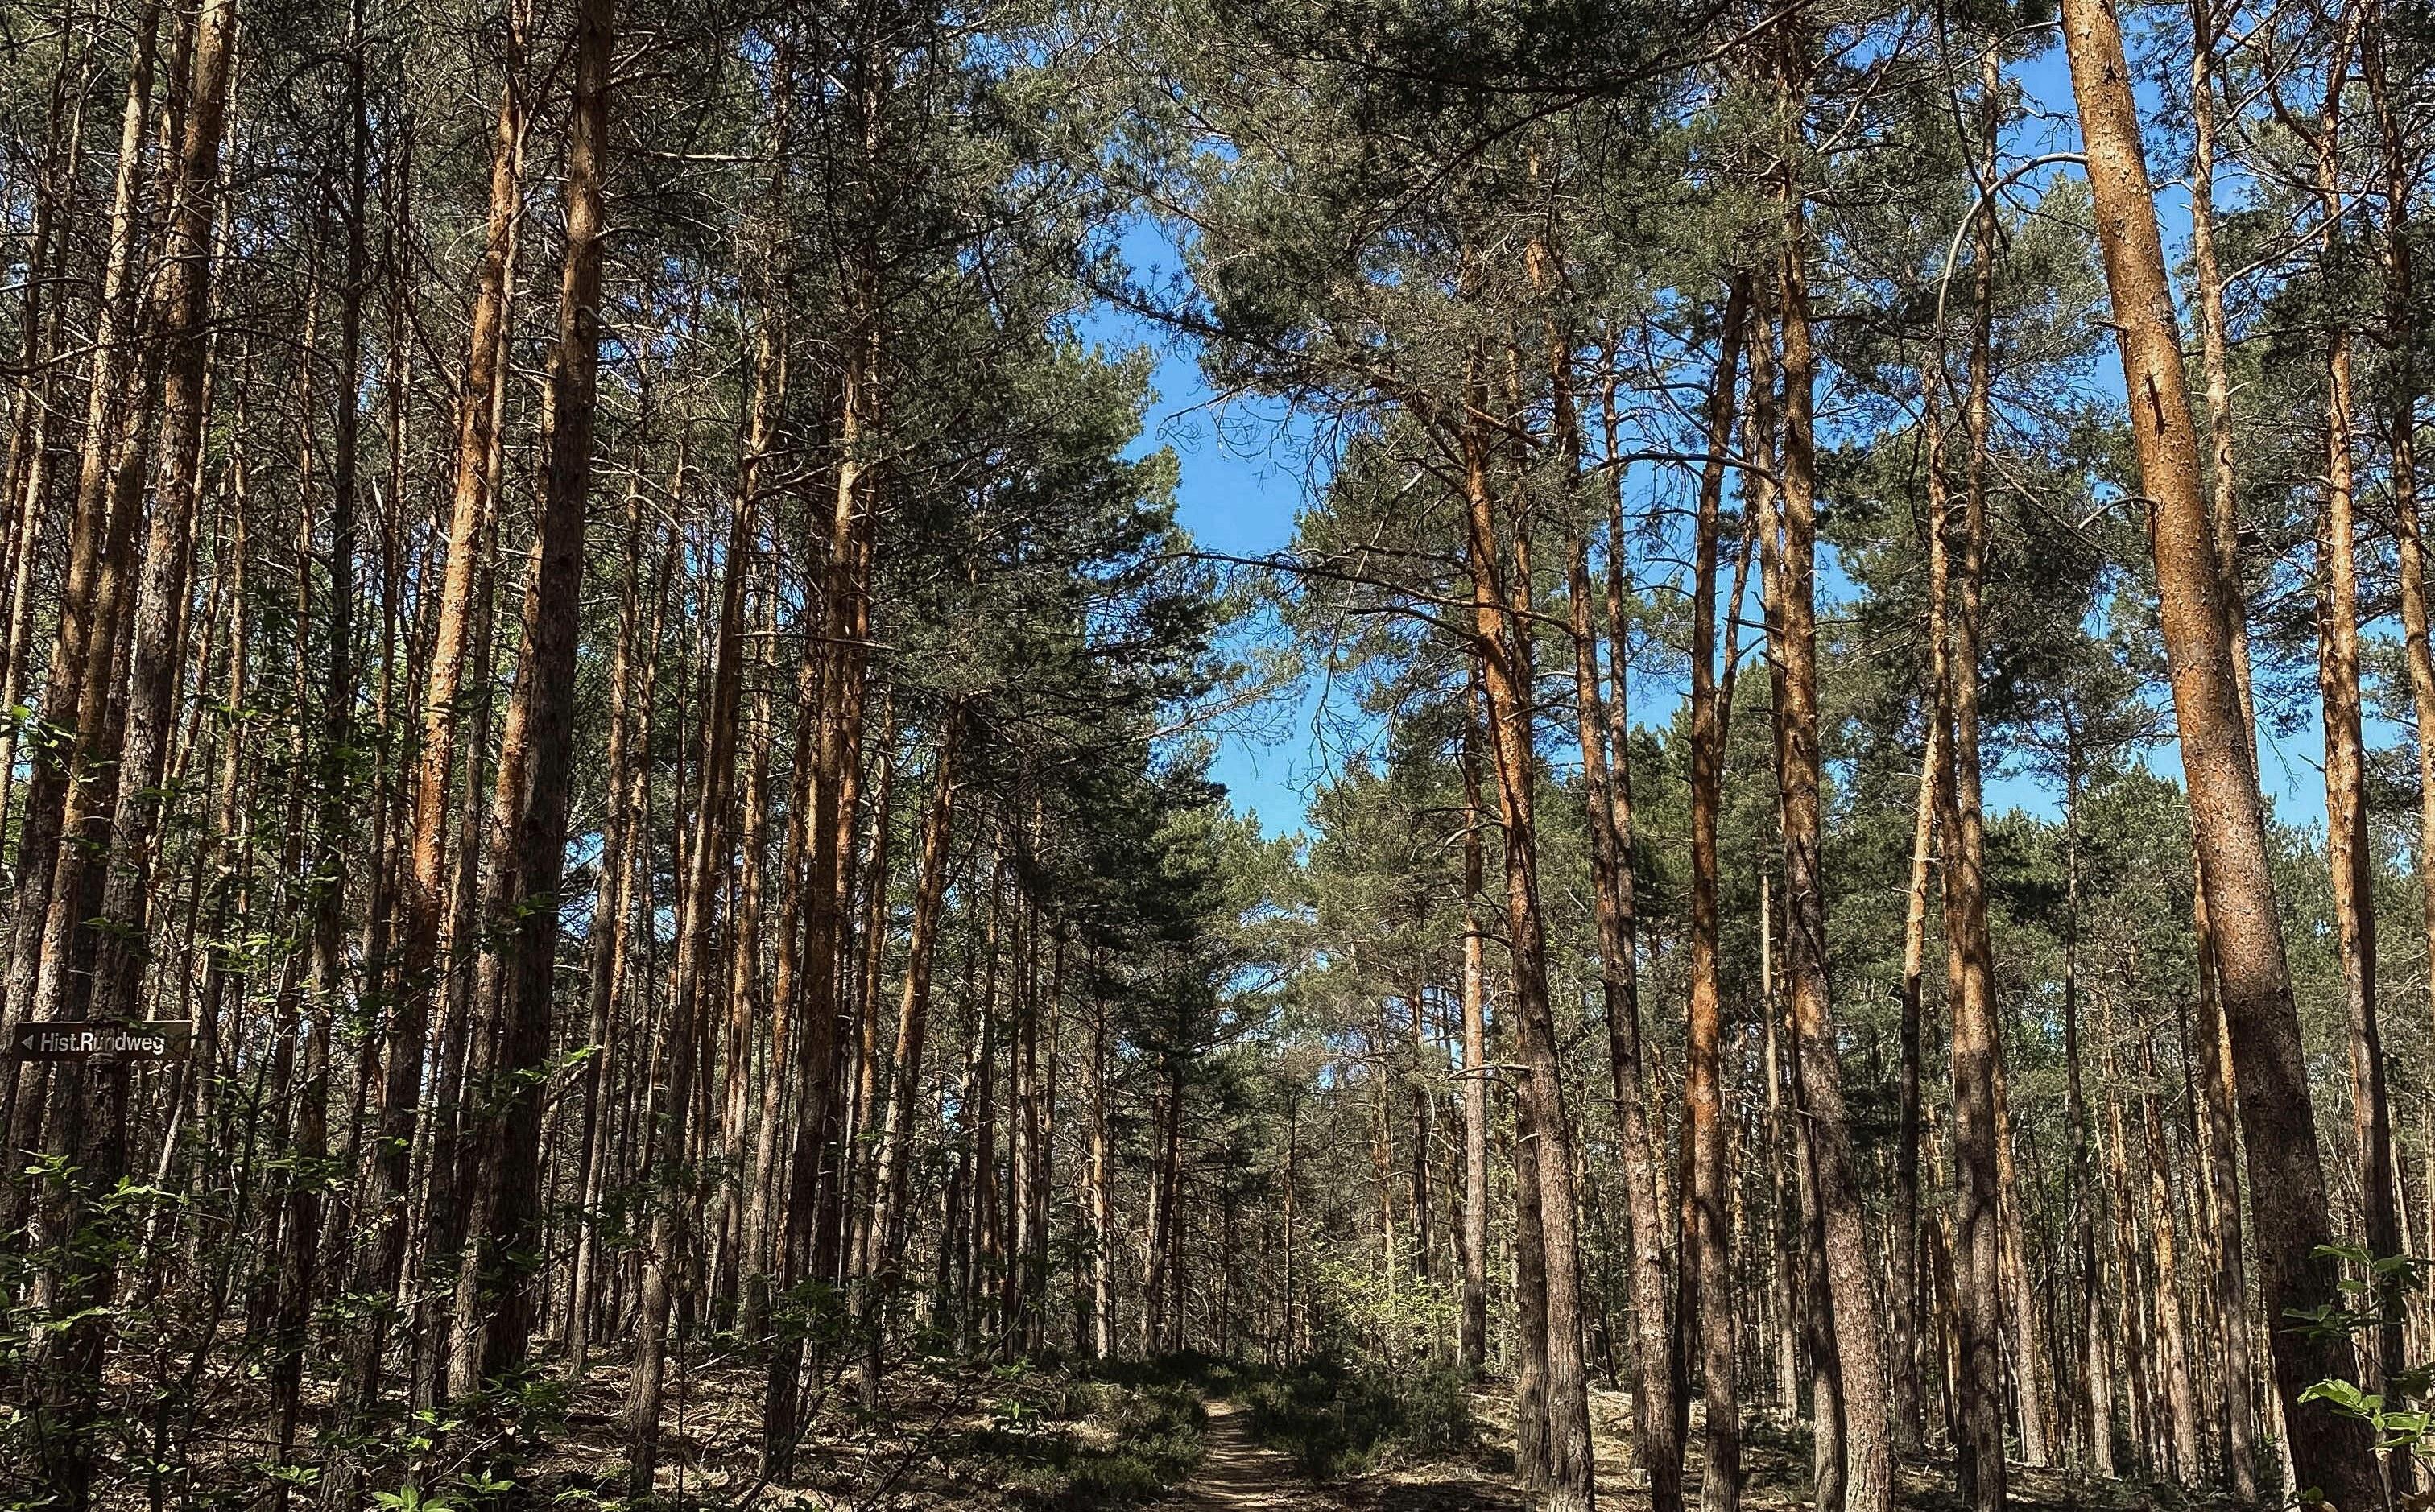 Die Preise für Baumaterial, vor allem Holz, explodieren geradezu. Die erhöhte Nachfrage auf dem Weltmarkt ist dabei nur einer der Preistreiber.